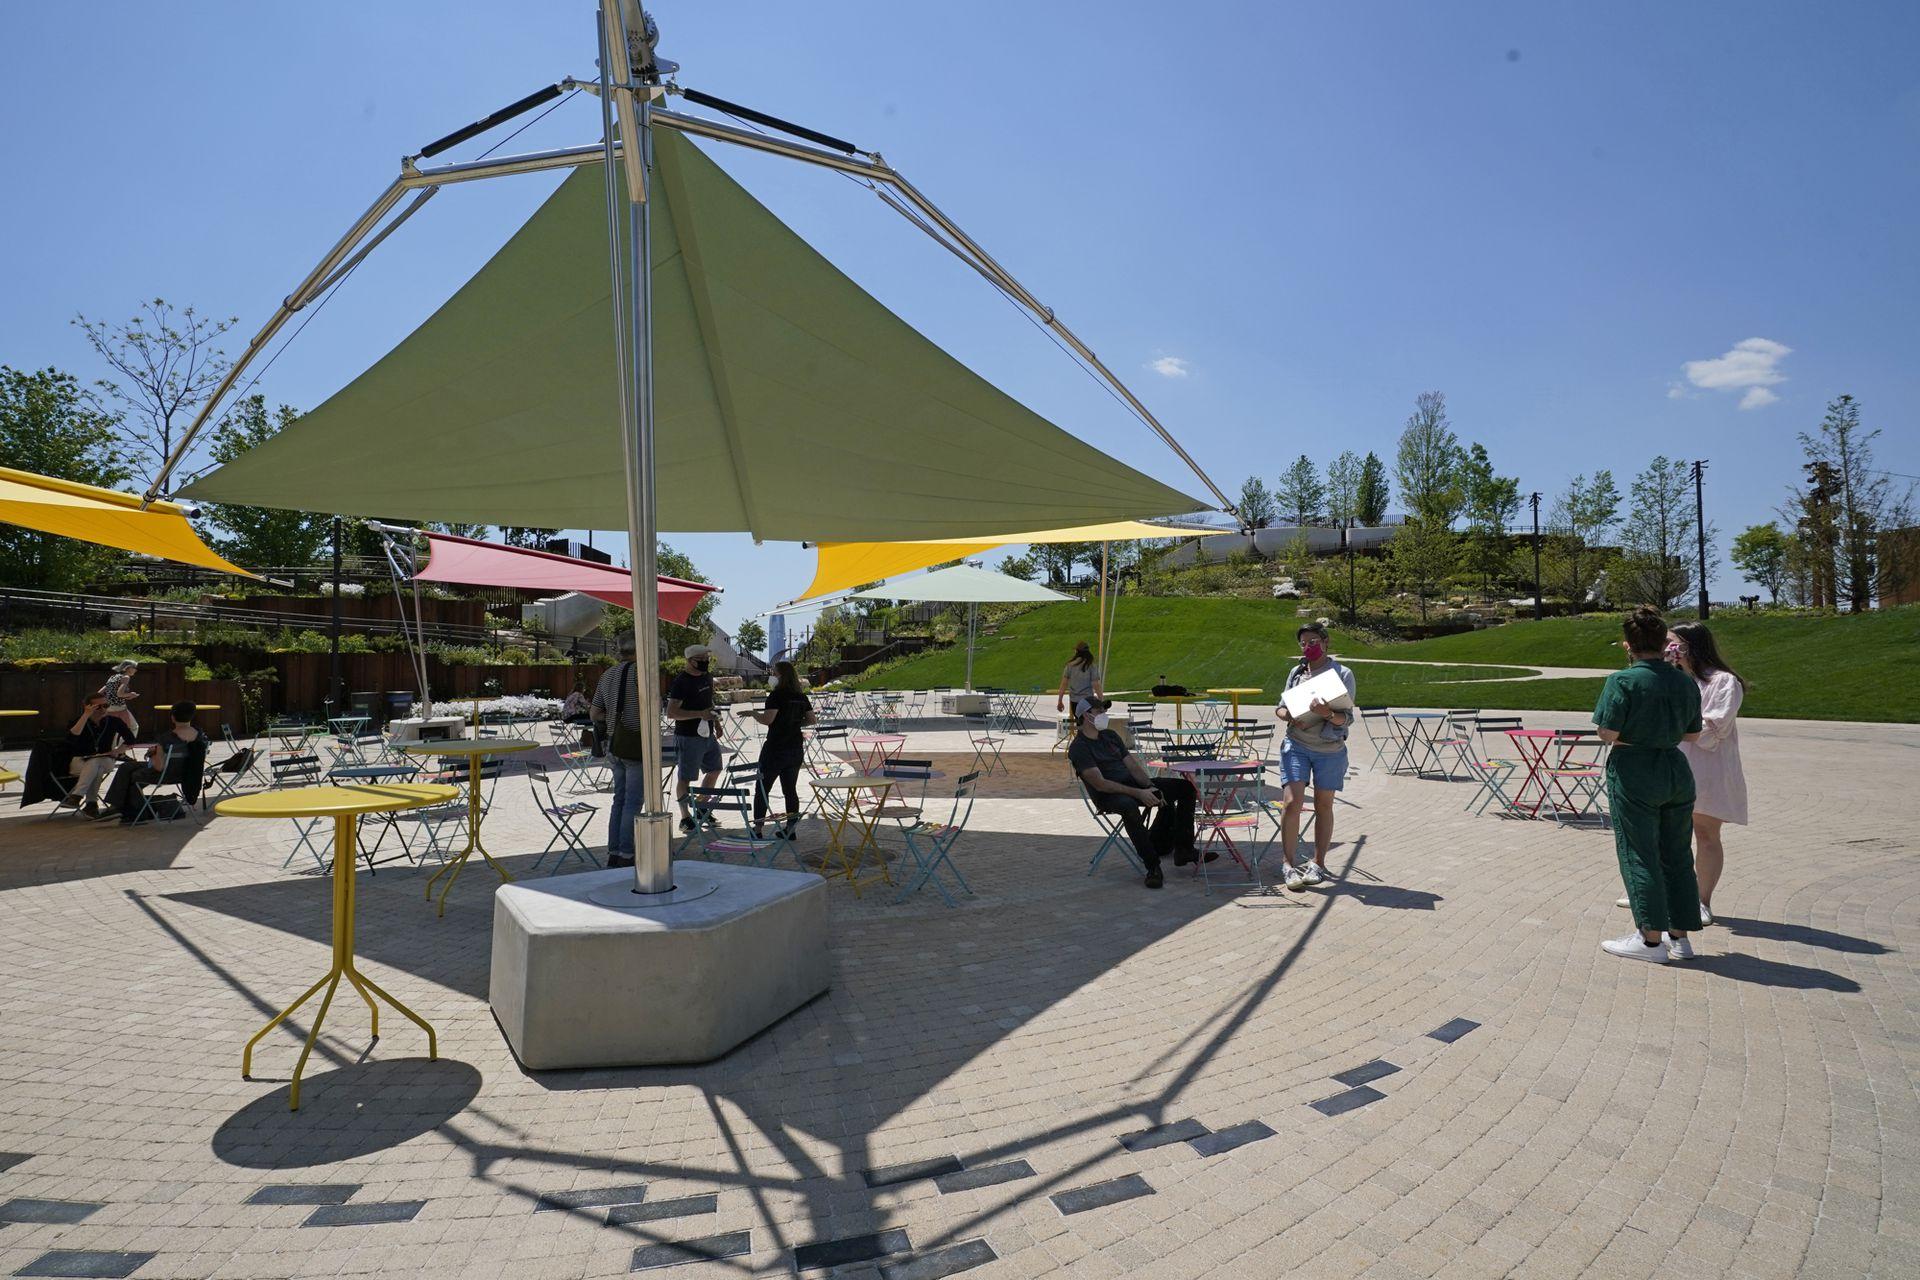 Trabajadores del parque charlan en la zona del patio de comidas